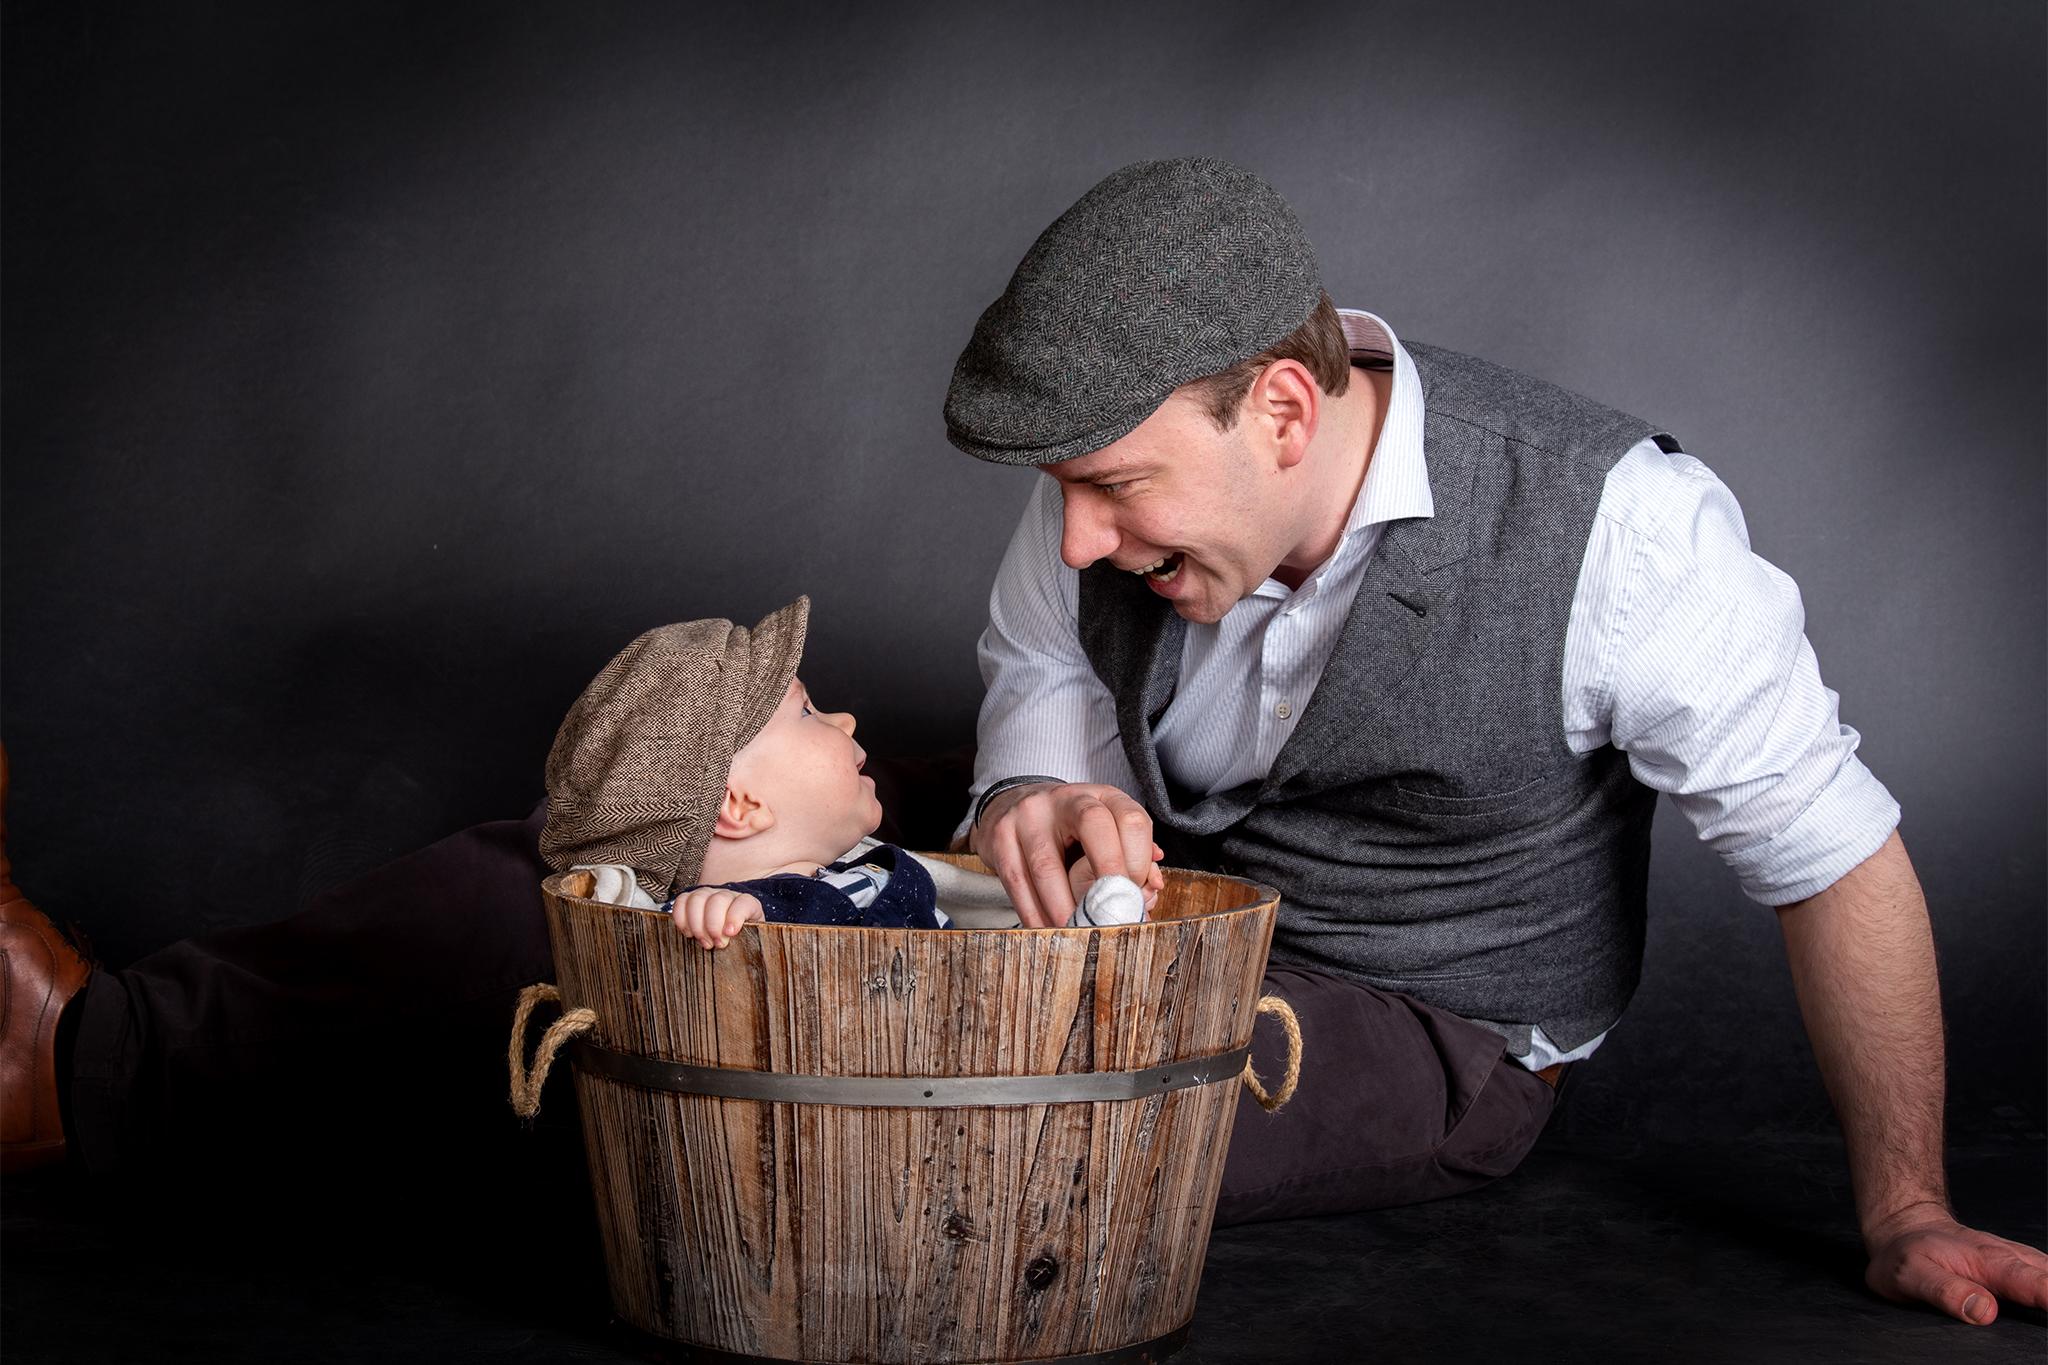 Fröhliches Bild mit Vater und Kind